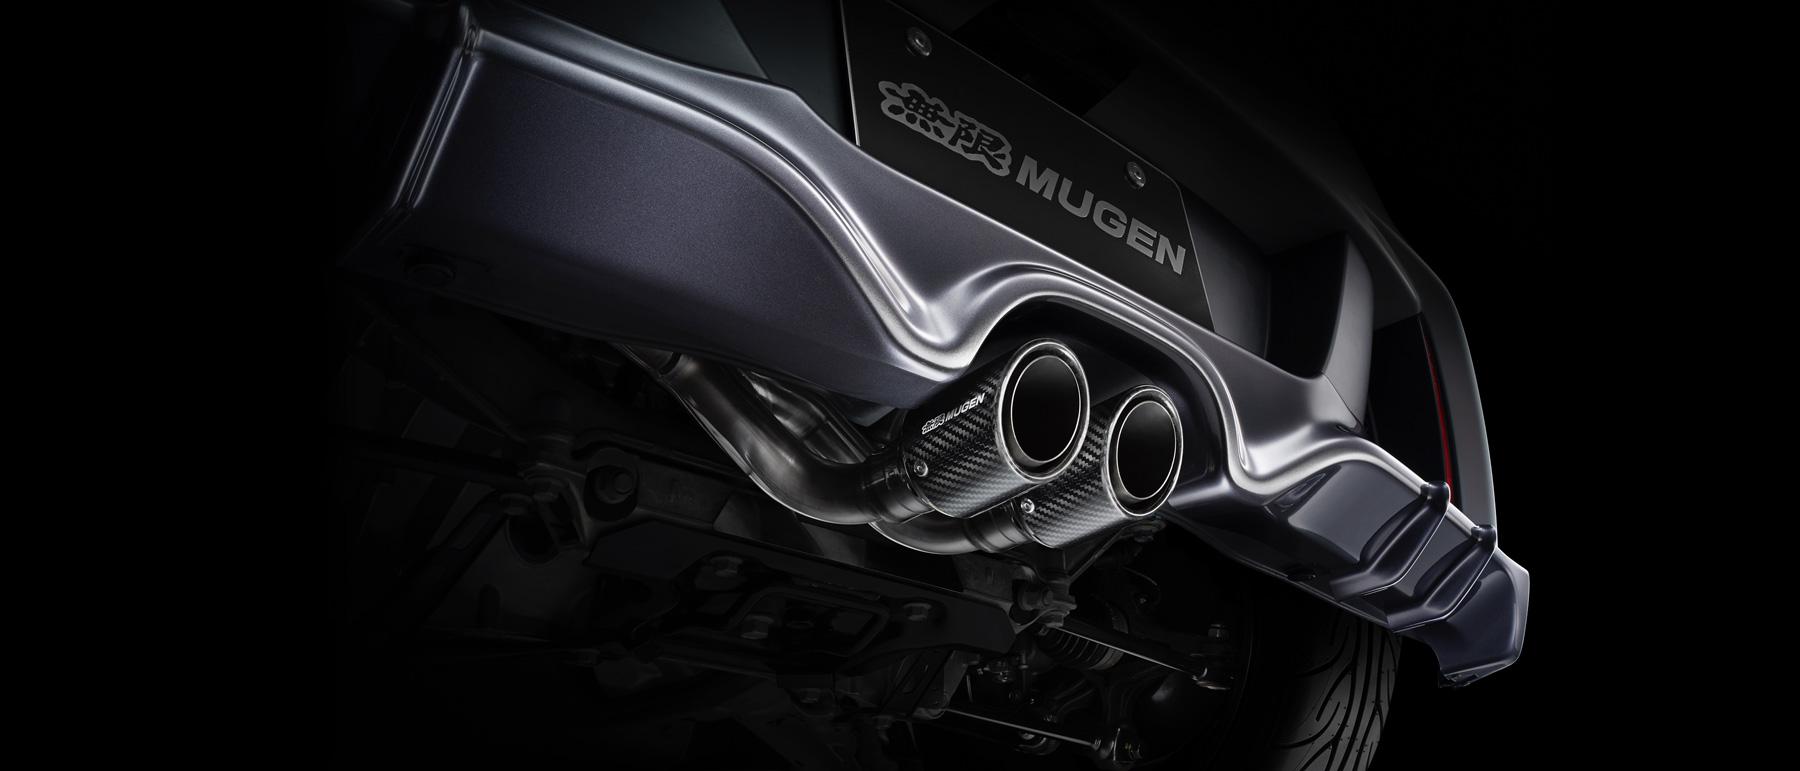 Honda S660 Mugen -2016 - exhaust / sorties de d'échappement